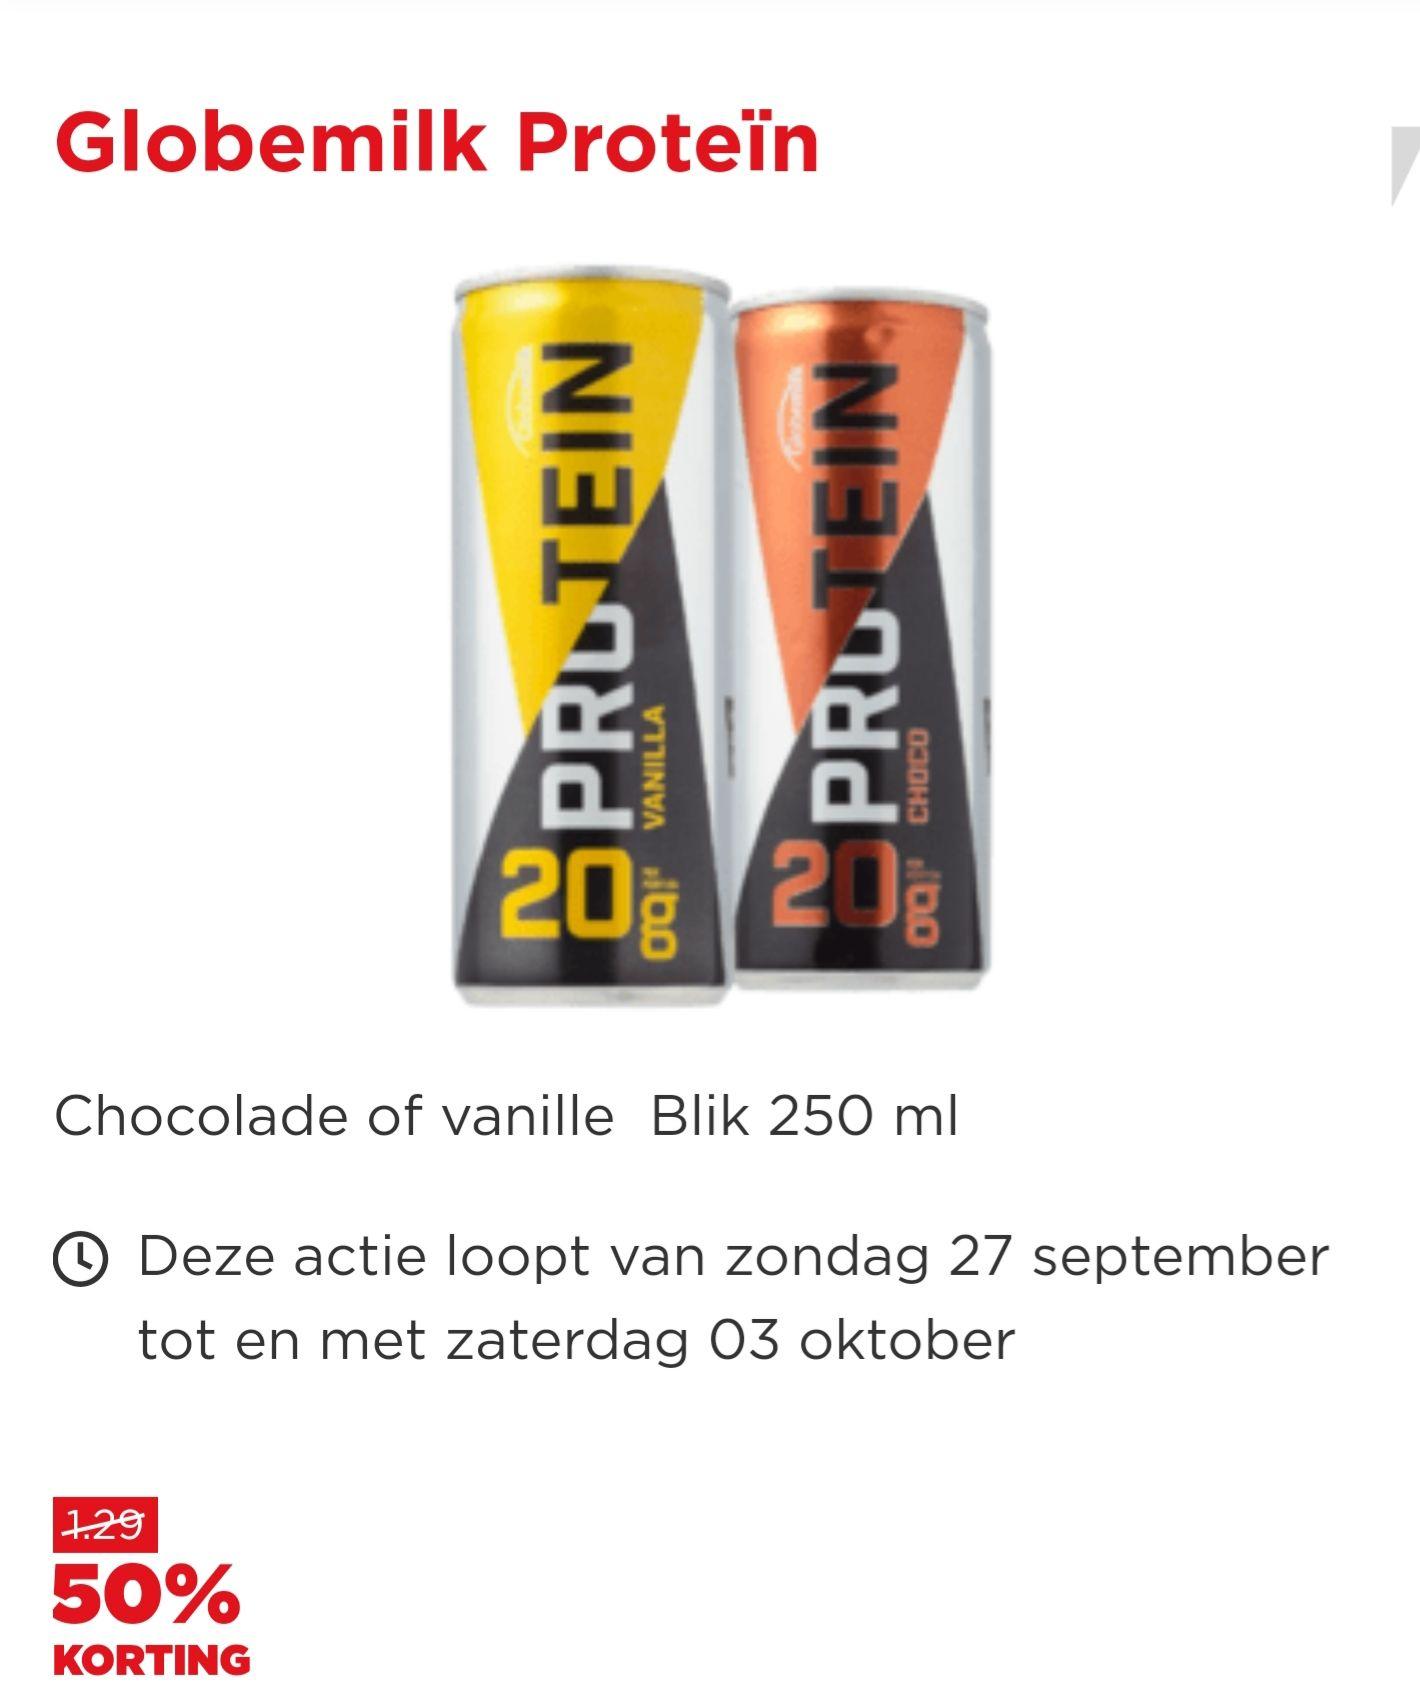 Globemilk Protein drankje